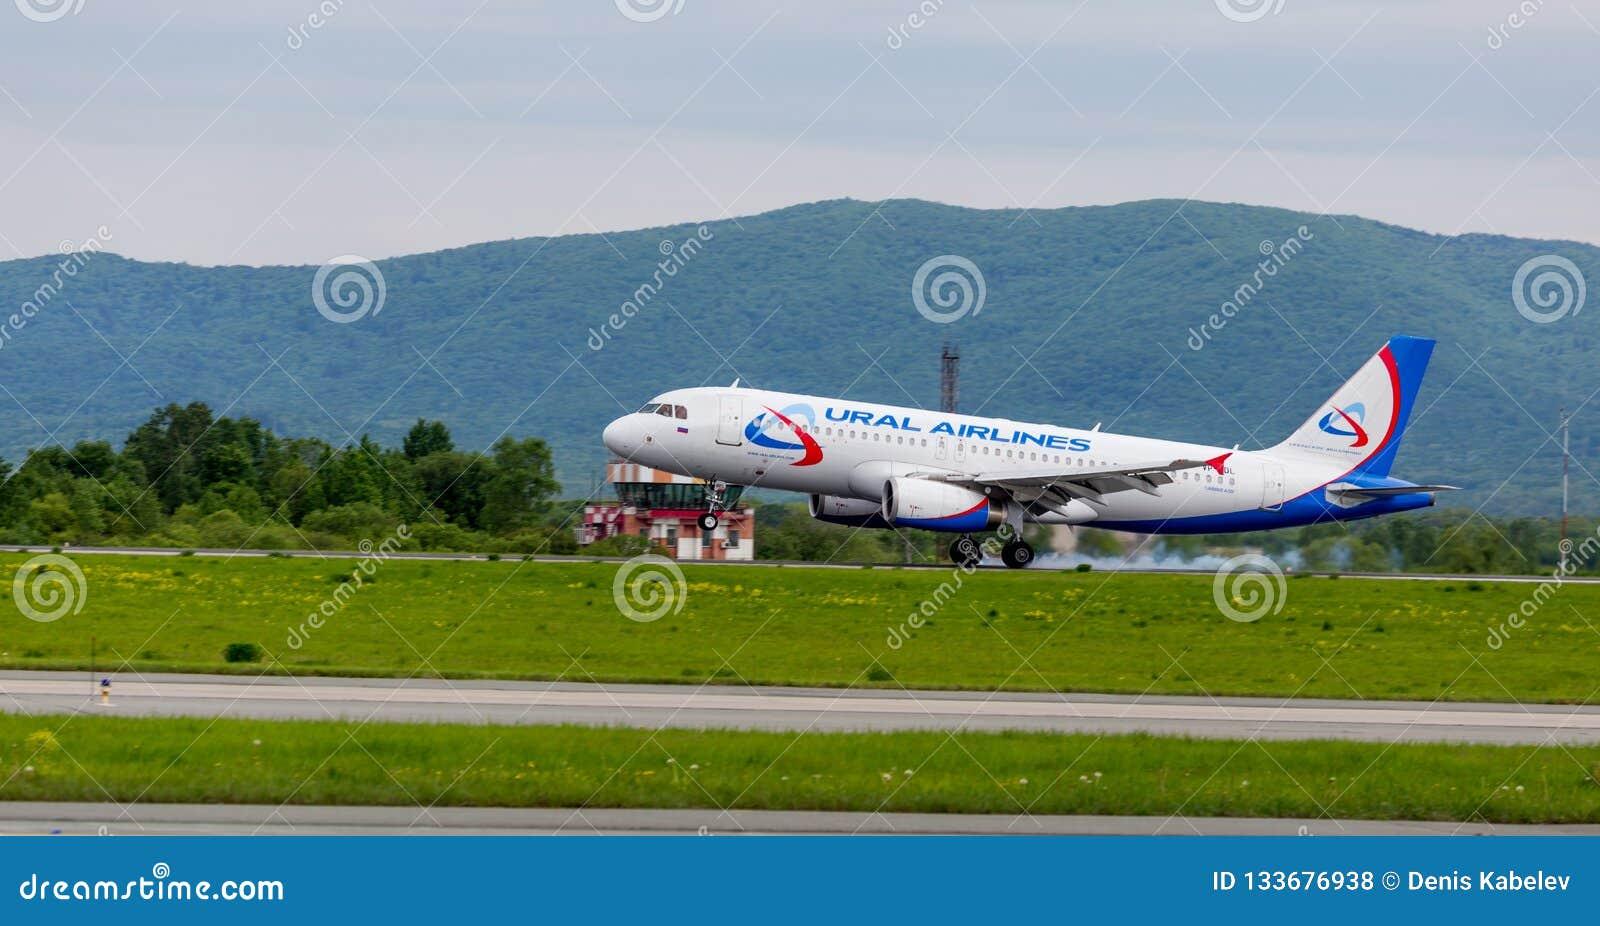 Passagierflugzeug Airbus A320 von Ural Airlines-Firma landet Rauch von unterhalb der Fahrgestelle hinter den Flugzeugen